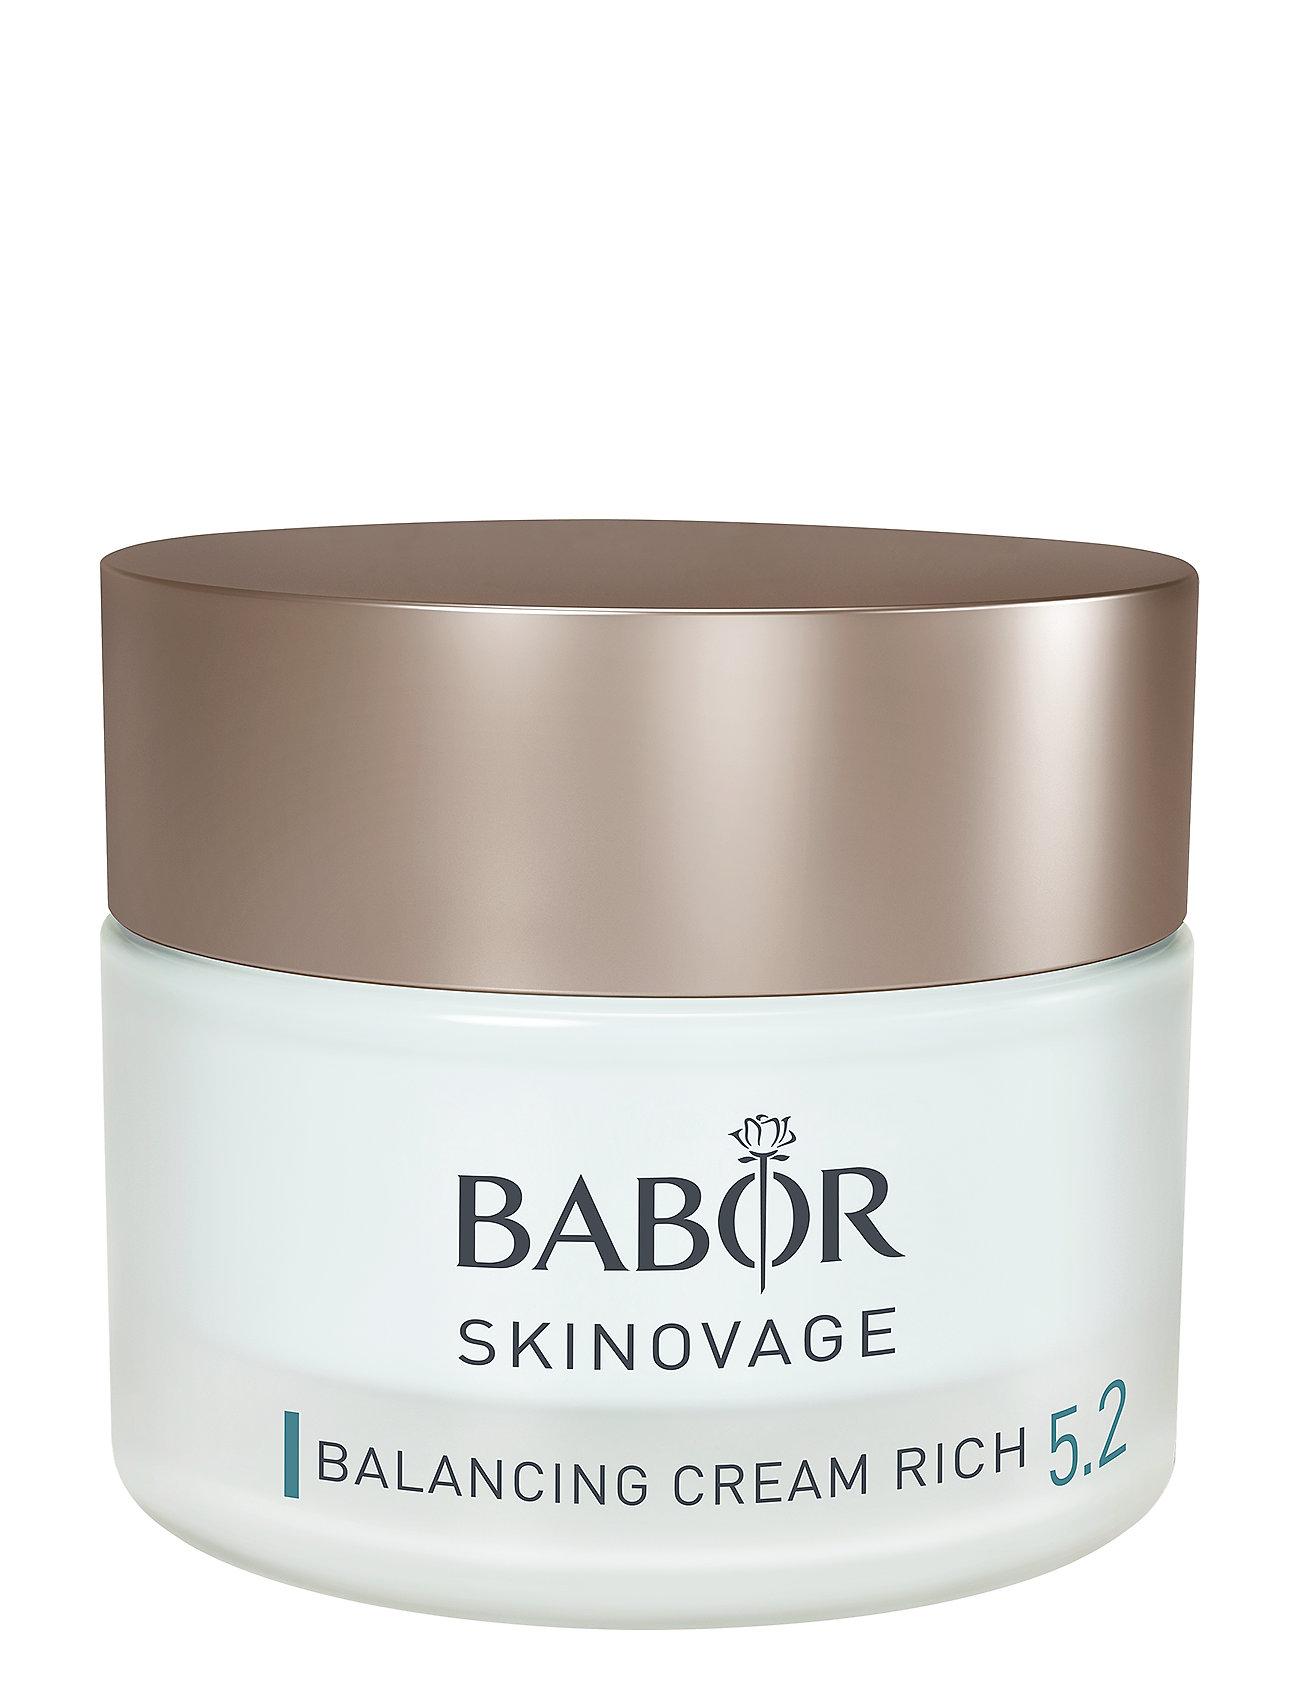 Babor Balancing Cream rich - NO COLOR